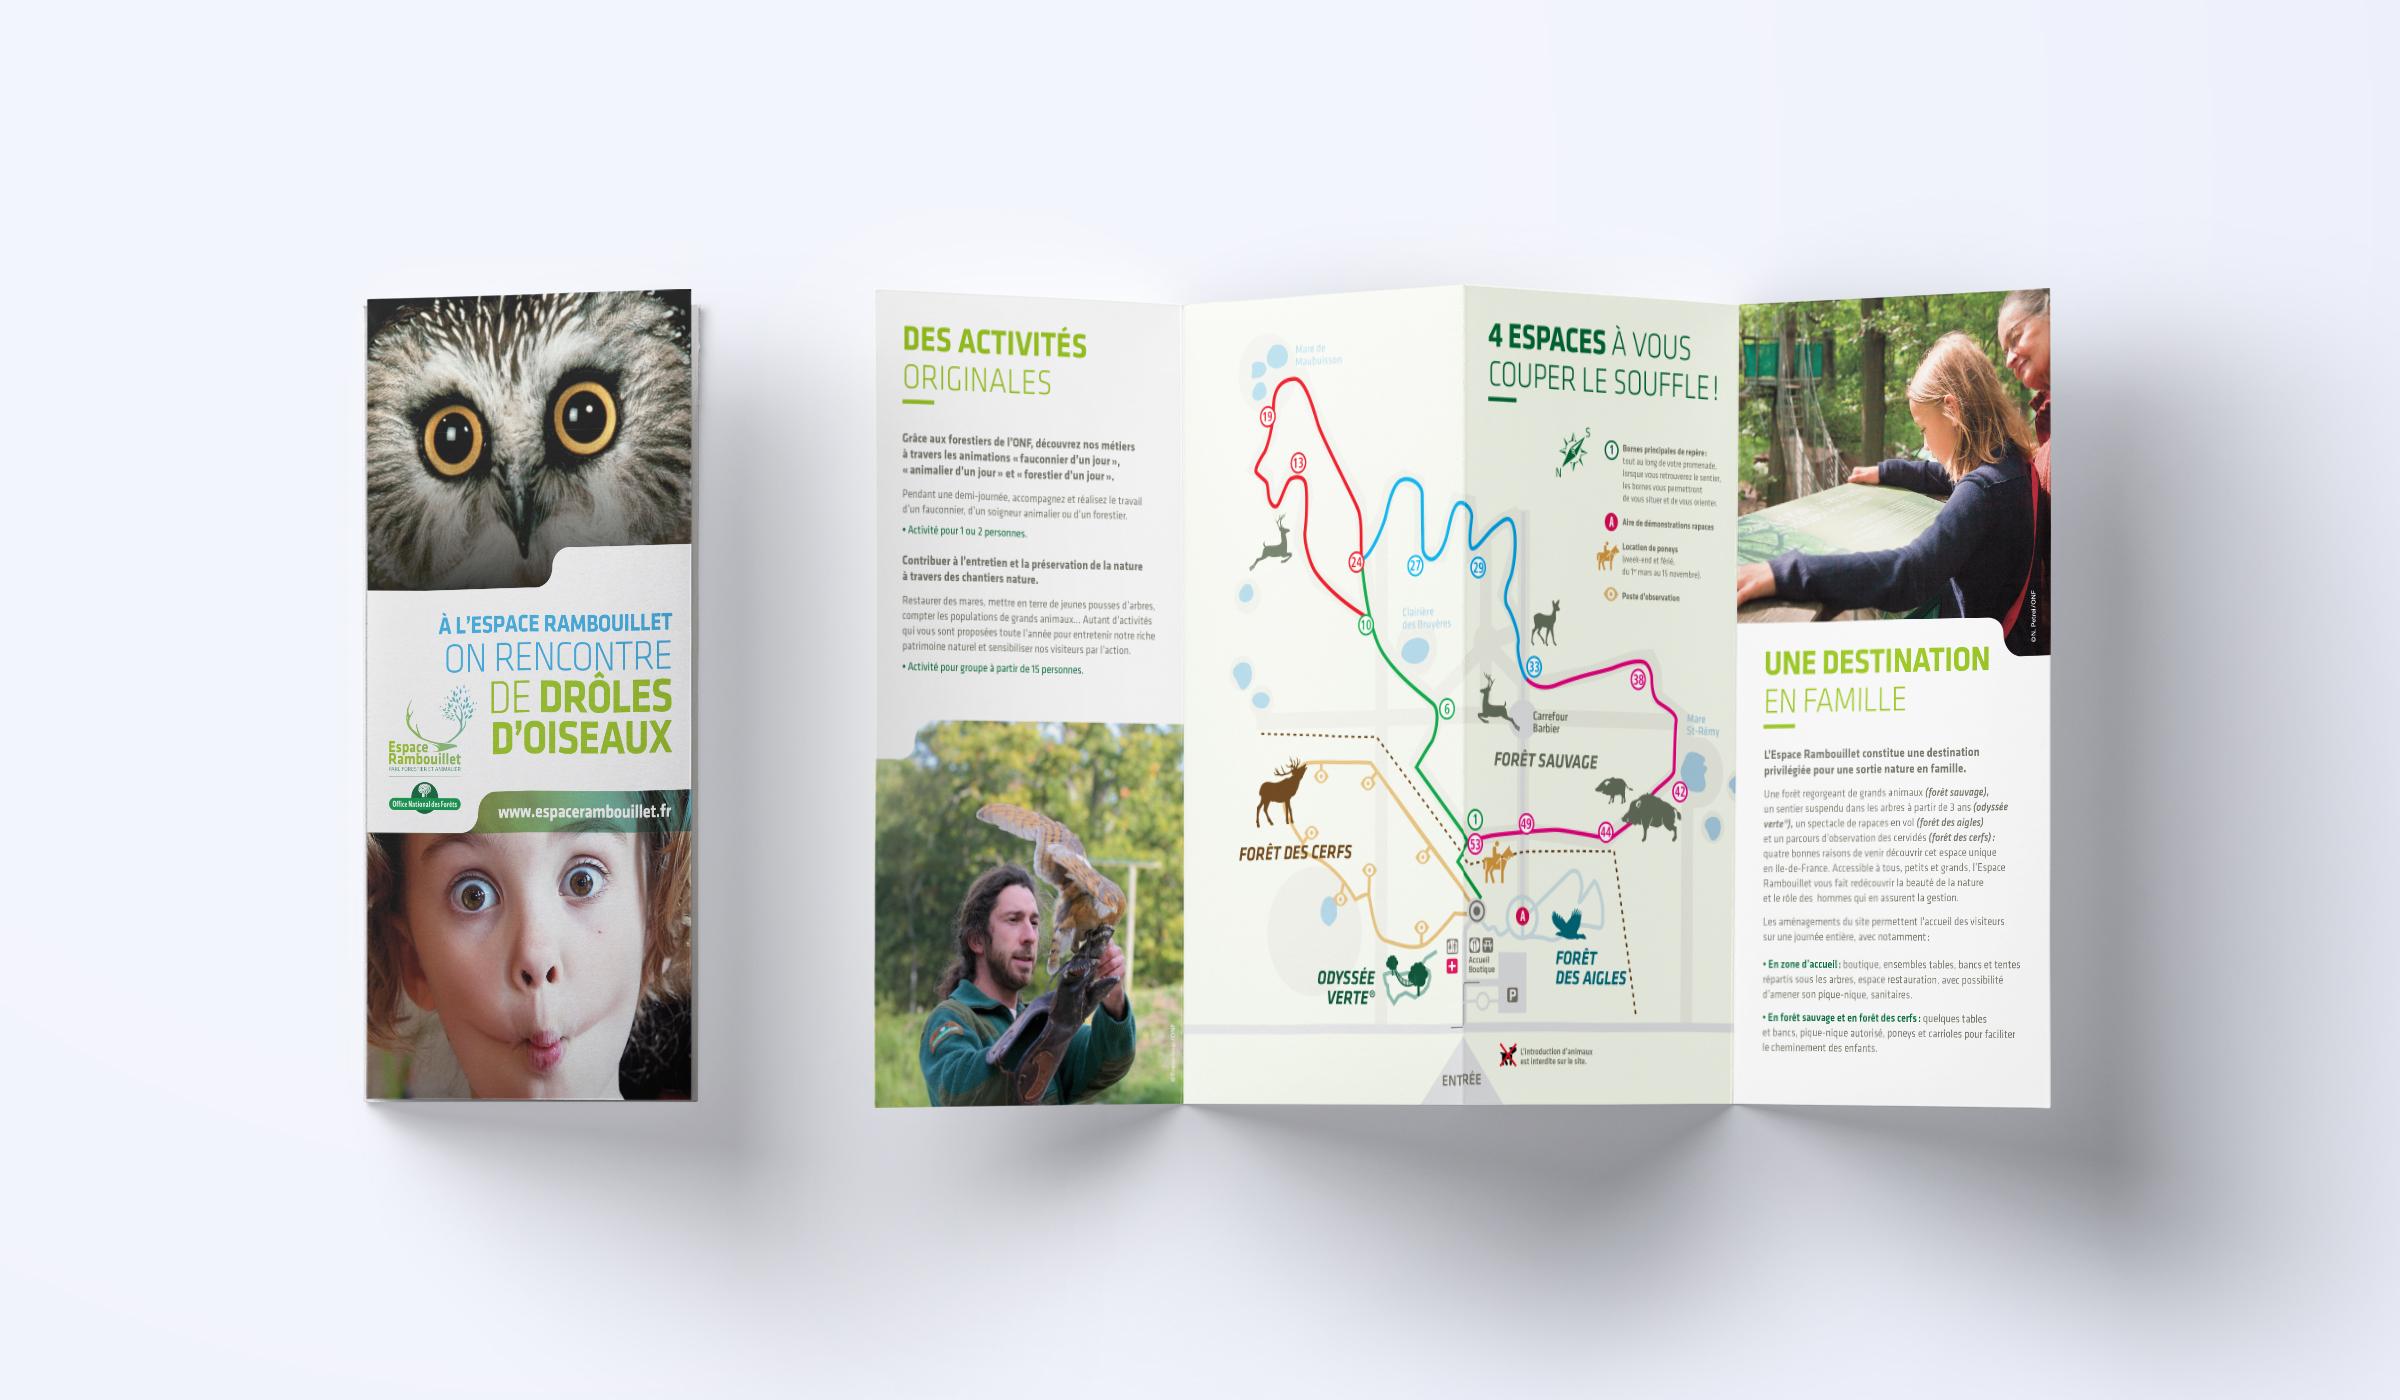 Leaflet présentation du parc